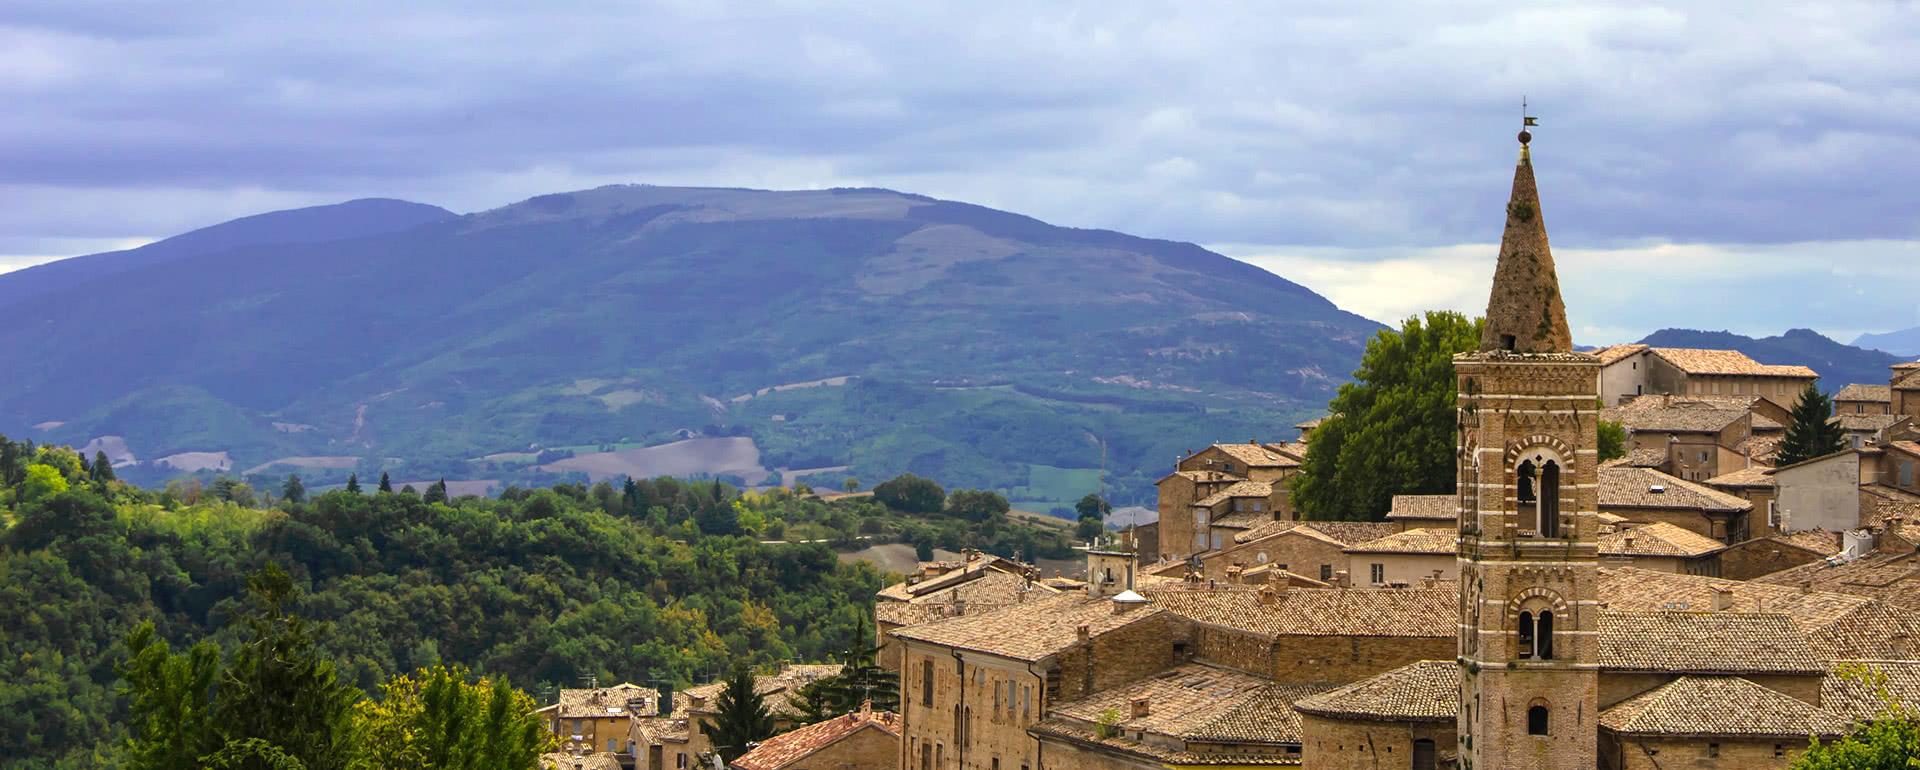 Titelbild von Pesaro